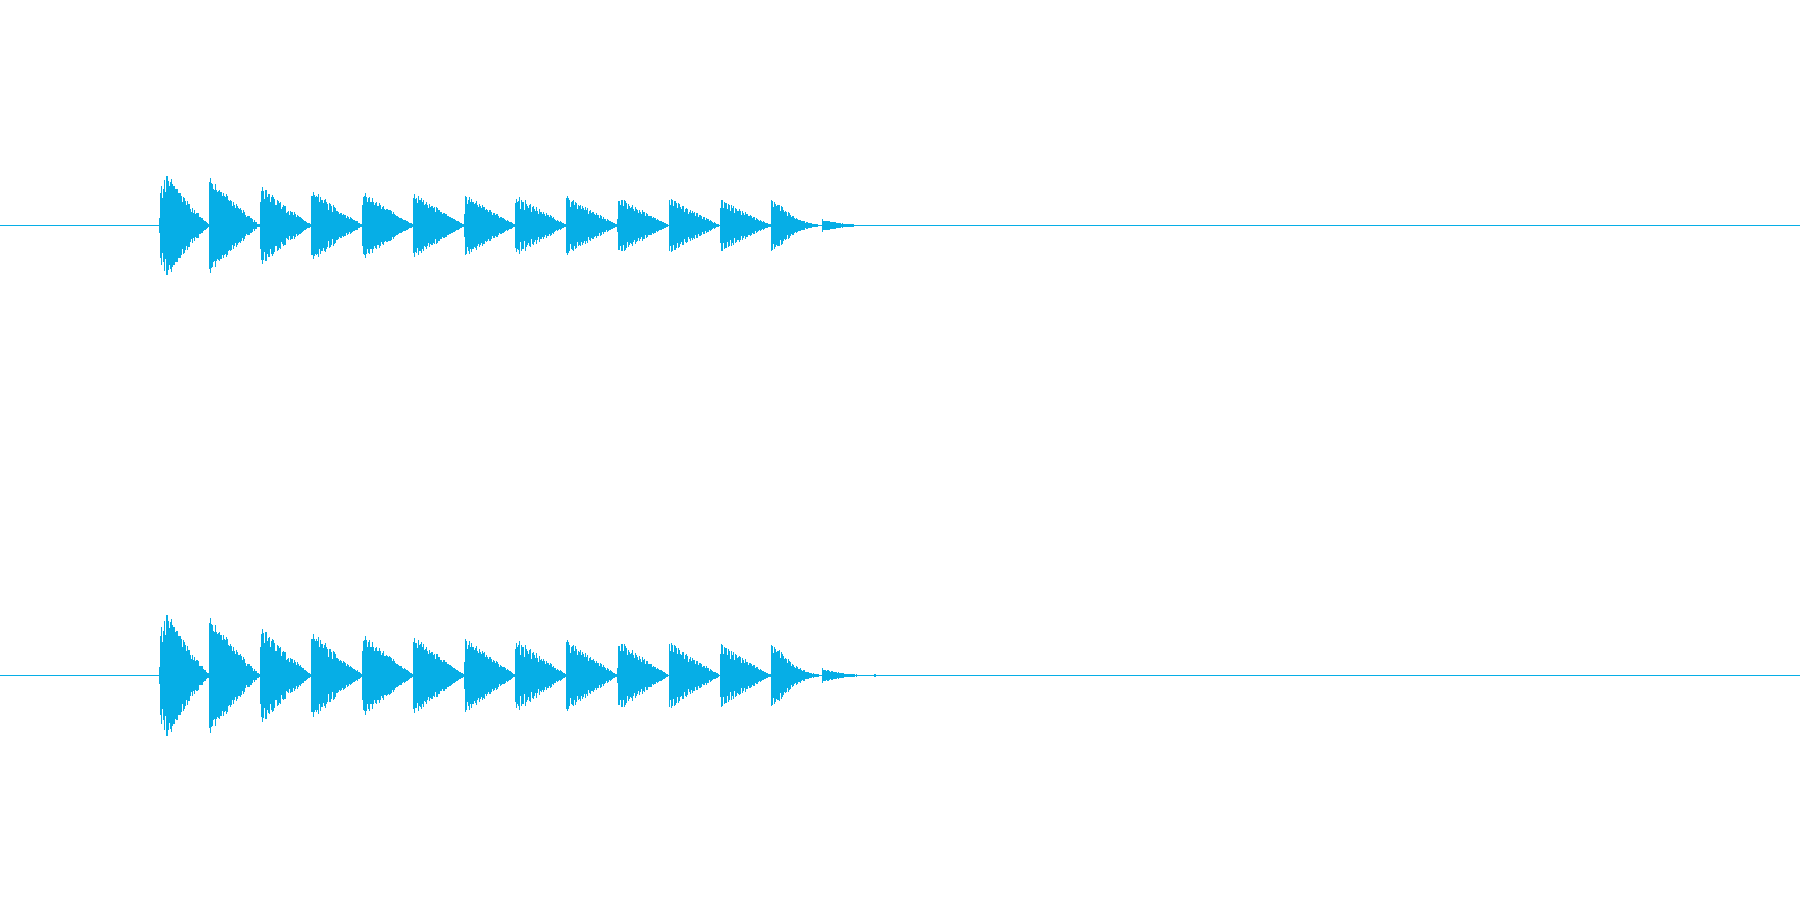 ブロック消滅(パズルゲーム)の再生済みの波形